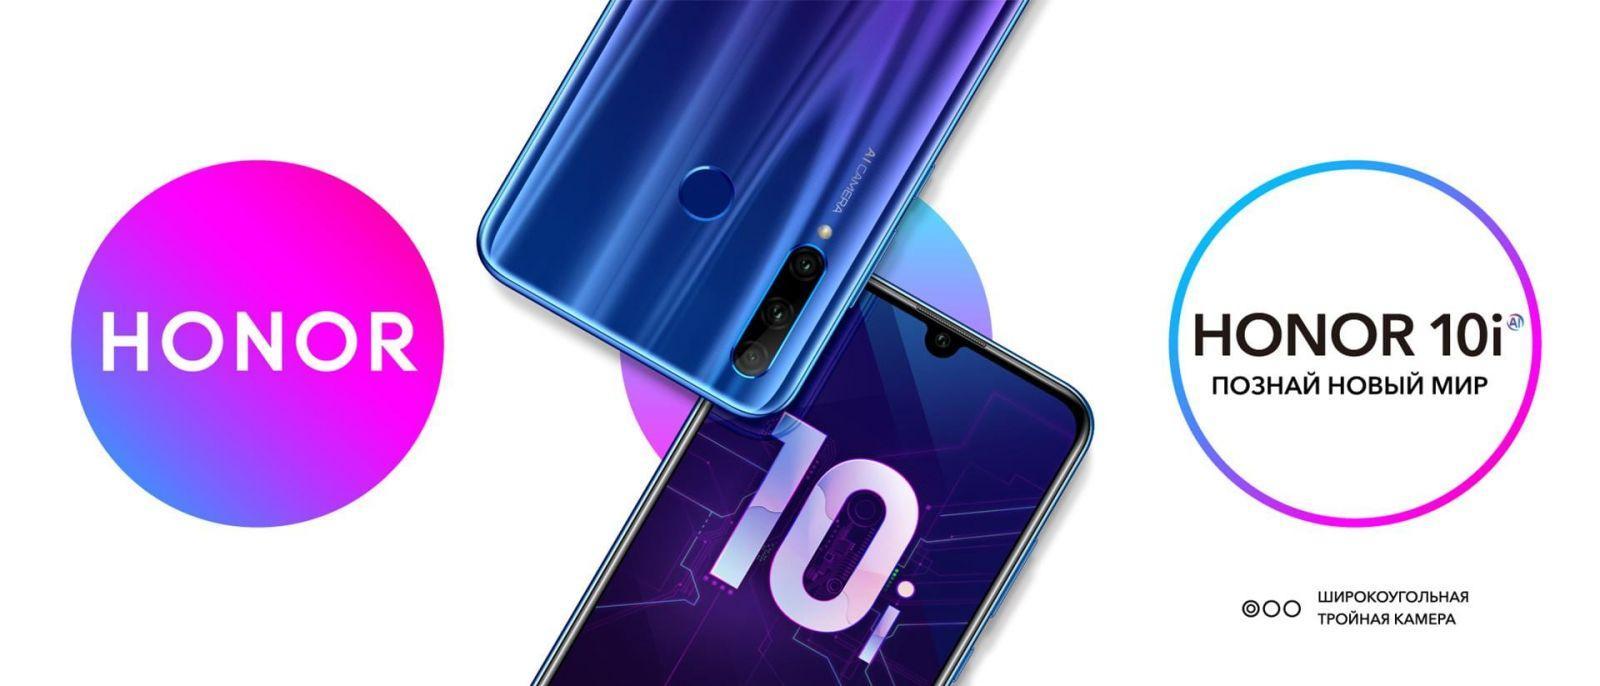 Honor представил в России смартфон Honor 10i (20190320214716679)